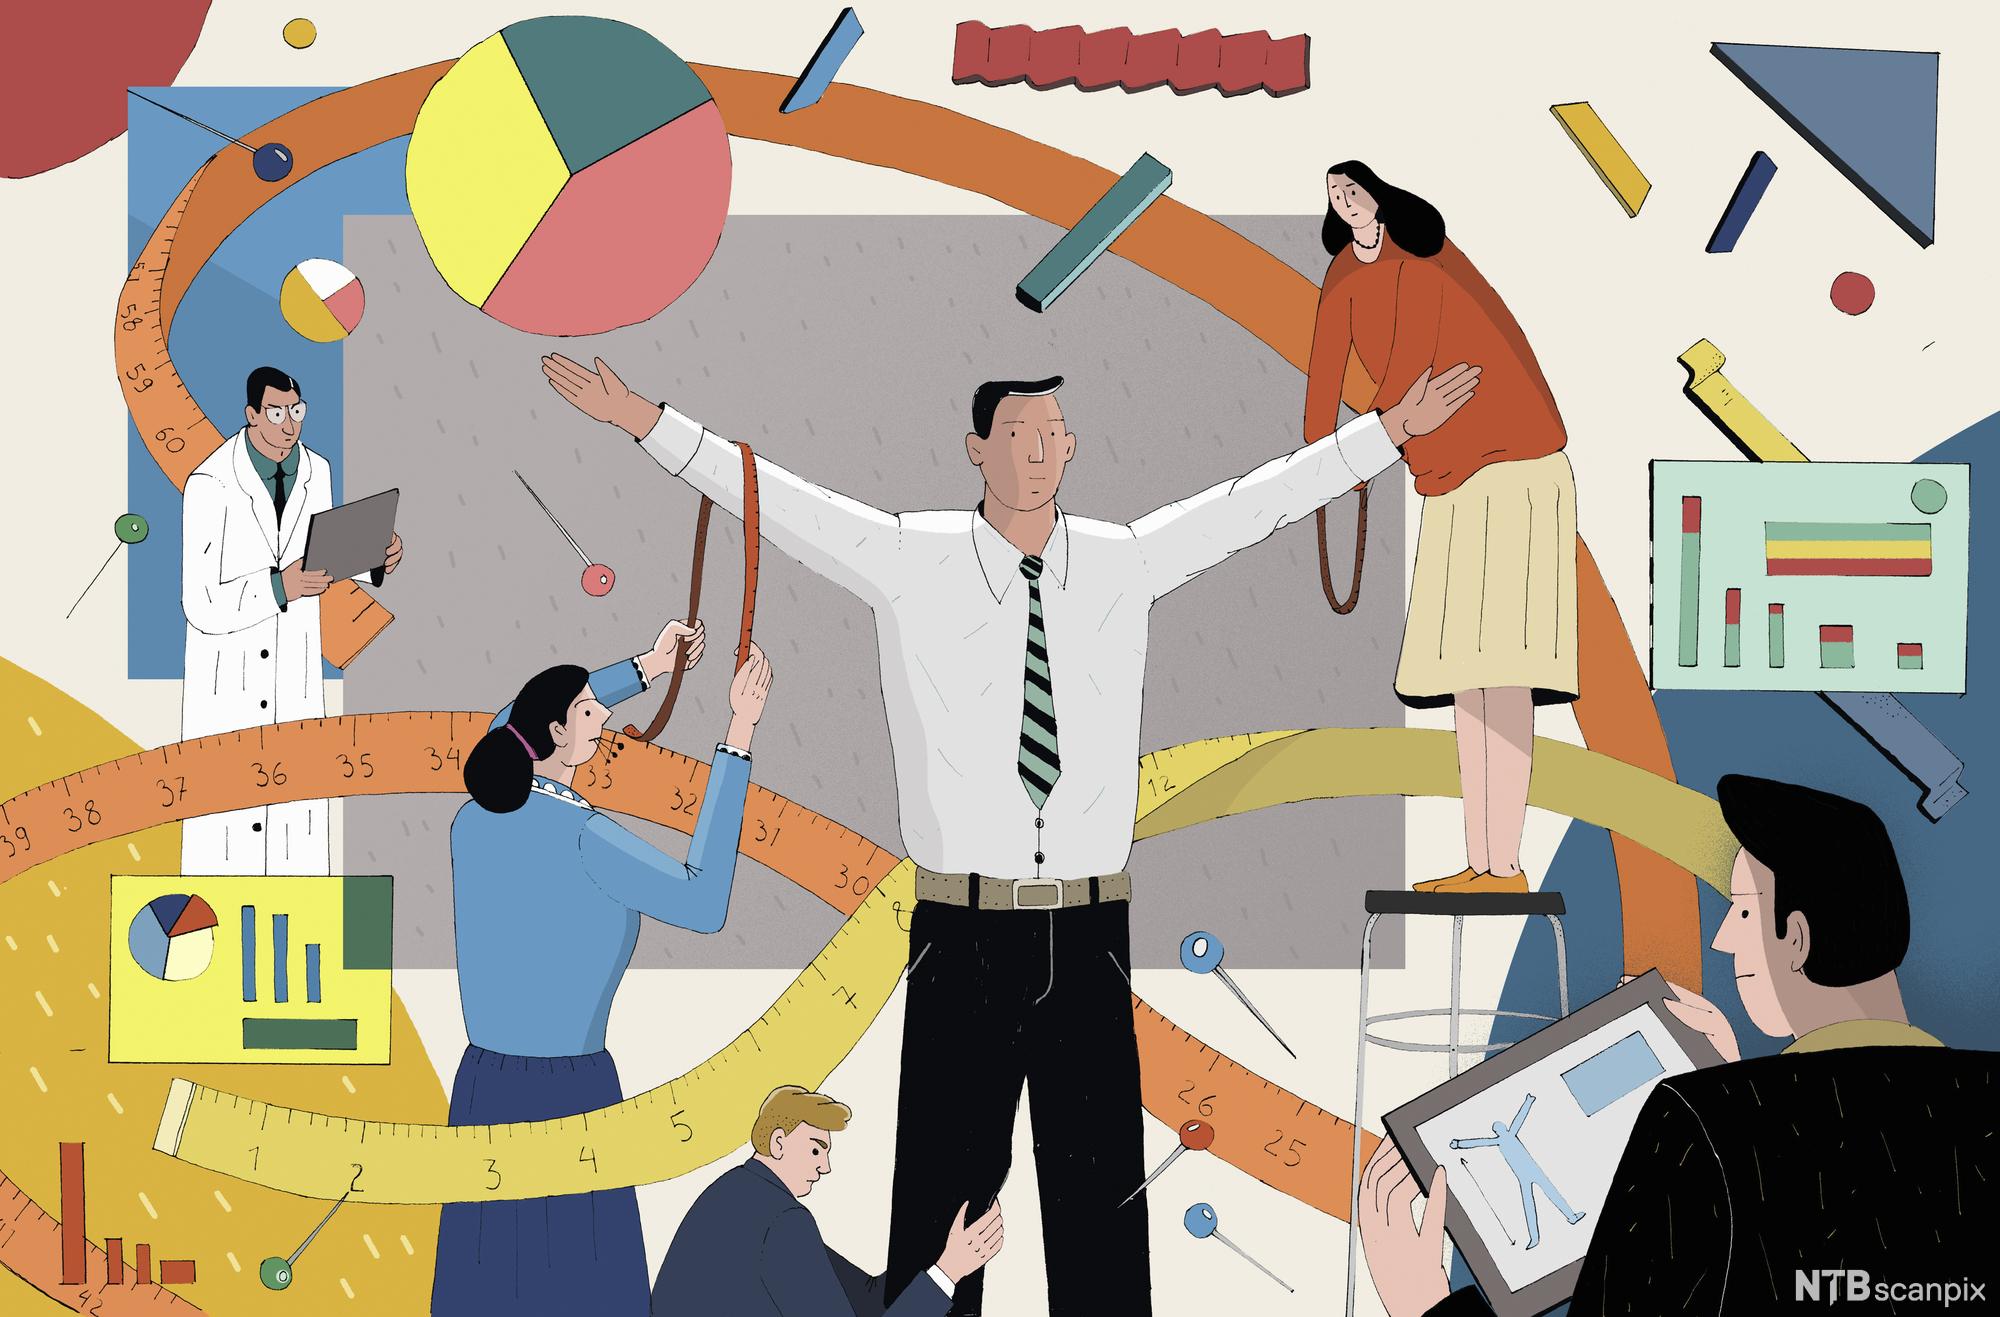 Mann blir målt og observert, omgitt av ulike diagrammer. Illustrasjon.